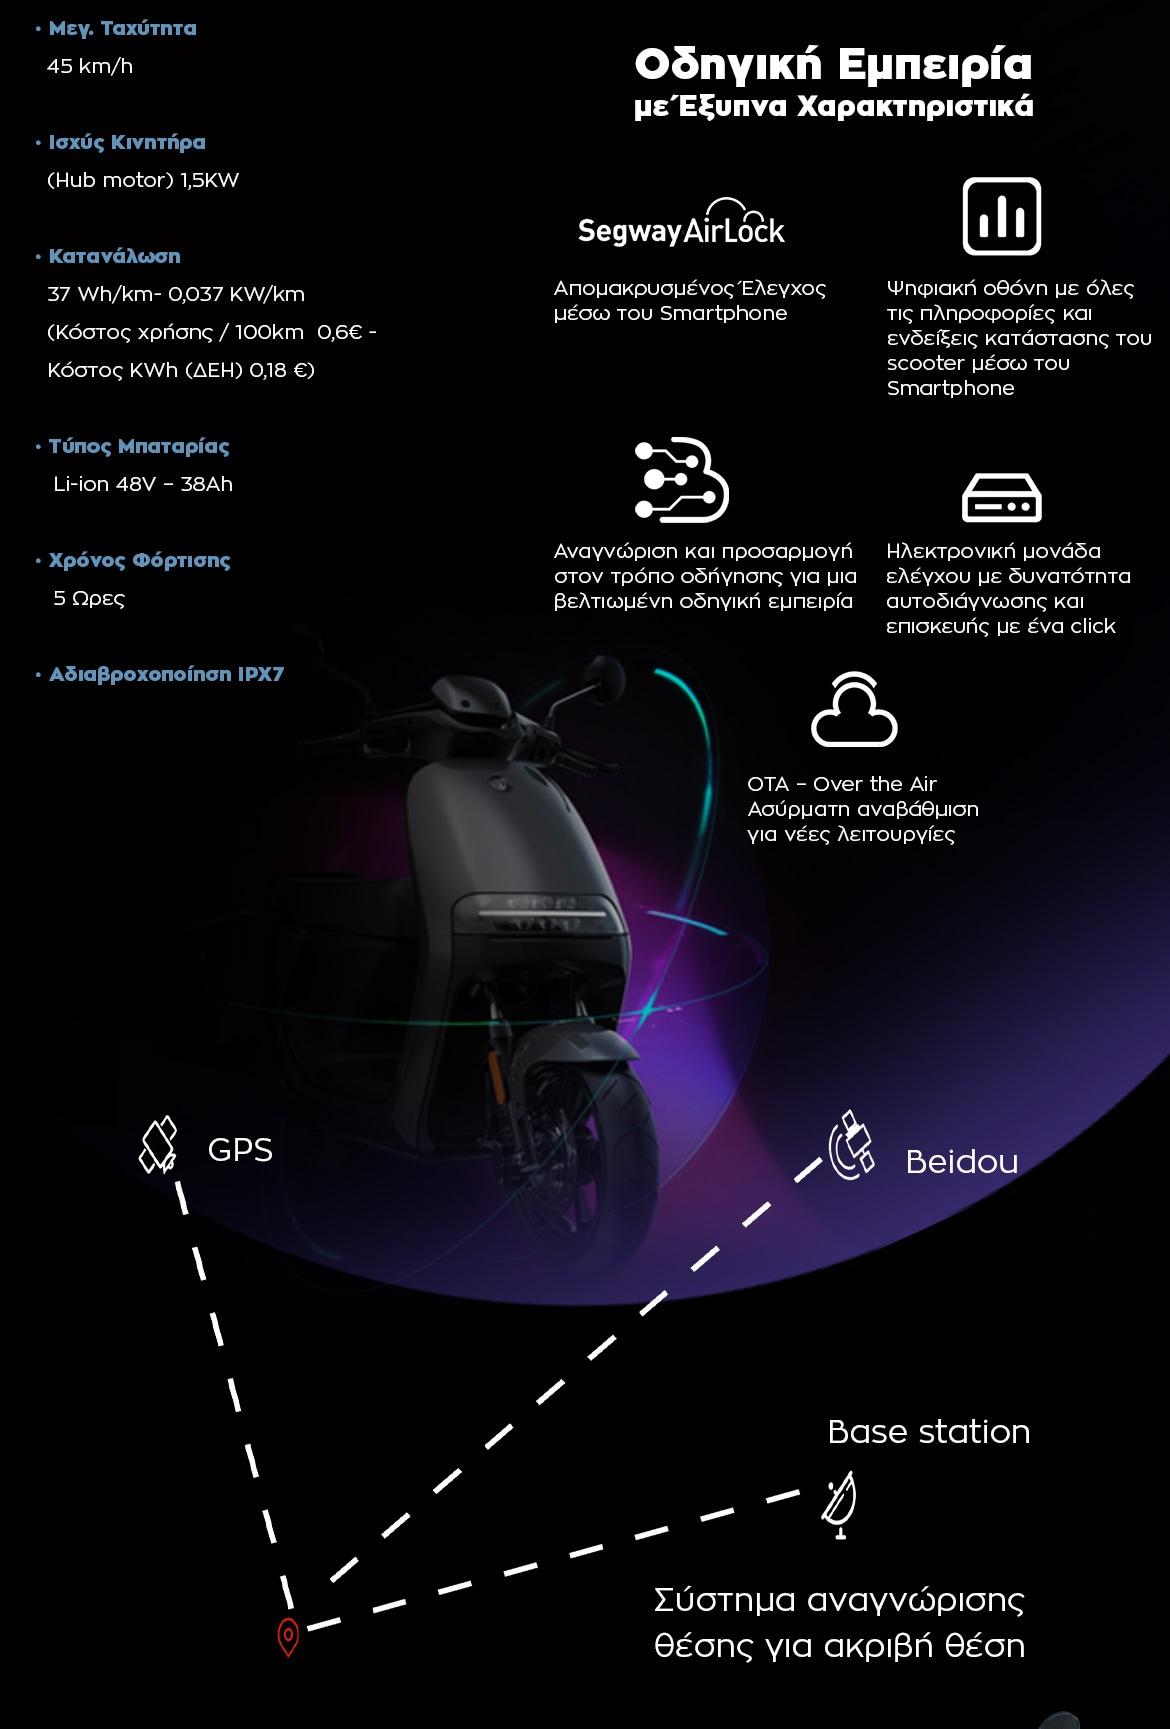 Οδηγική εμπειρία με Έξυπνα Χαρακτηριστικά - GPS - Beidou - Base station